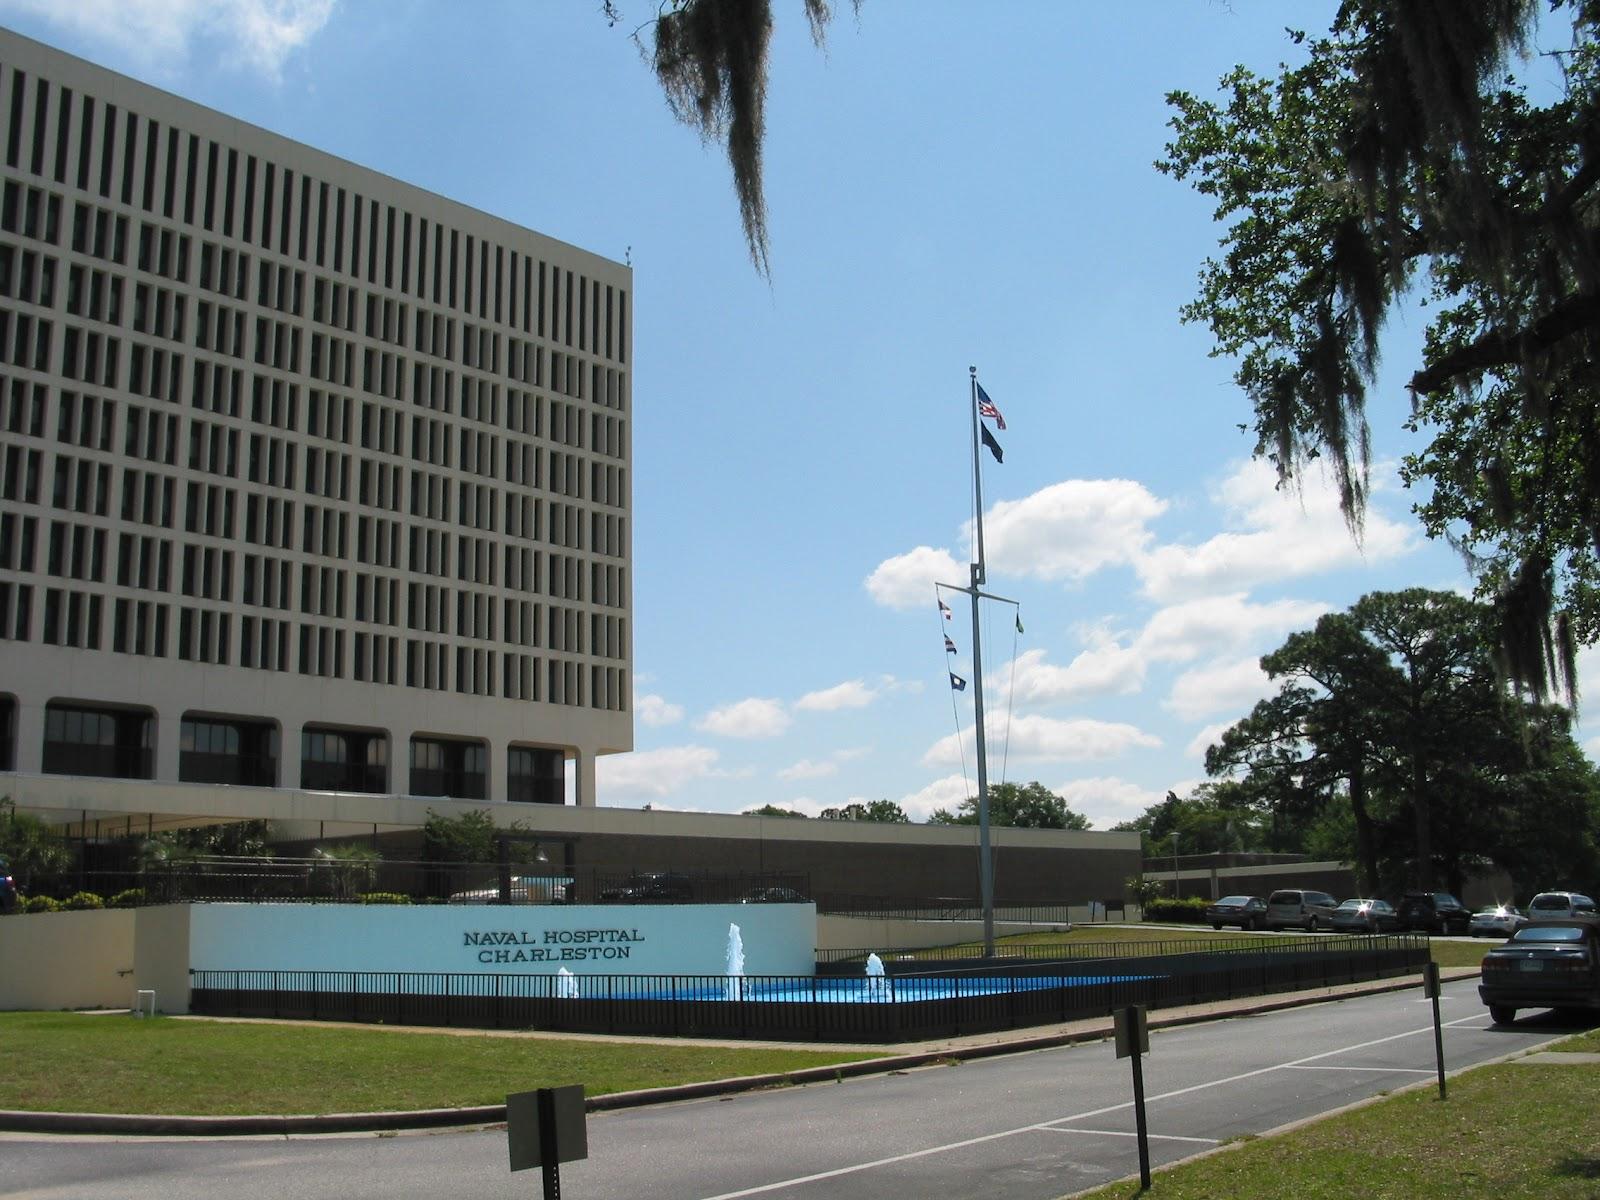 Naval_Hospital_Charleston.JPG